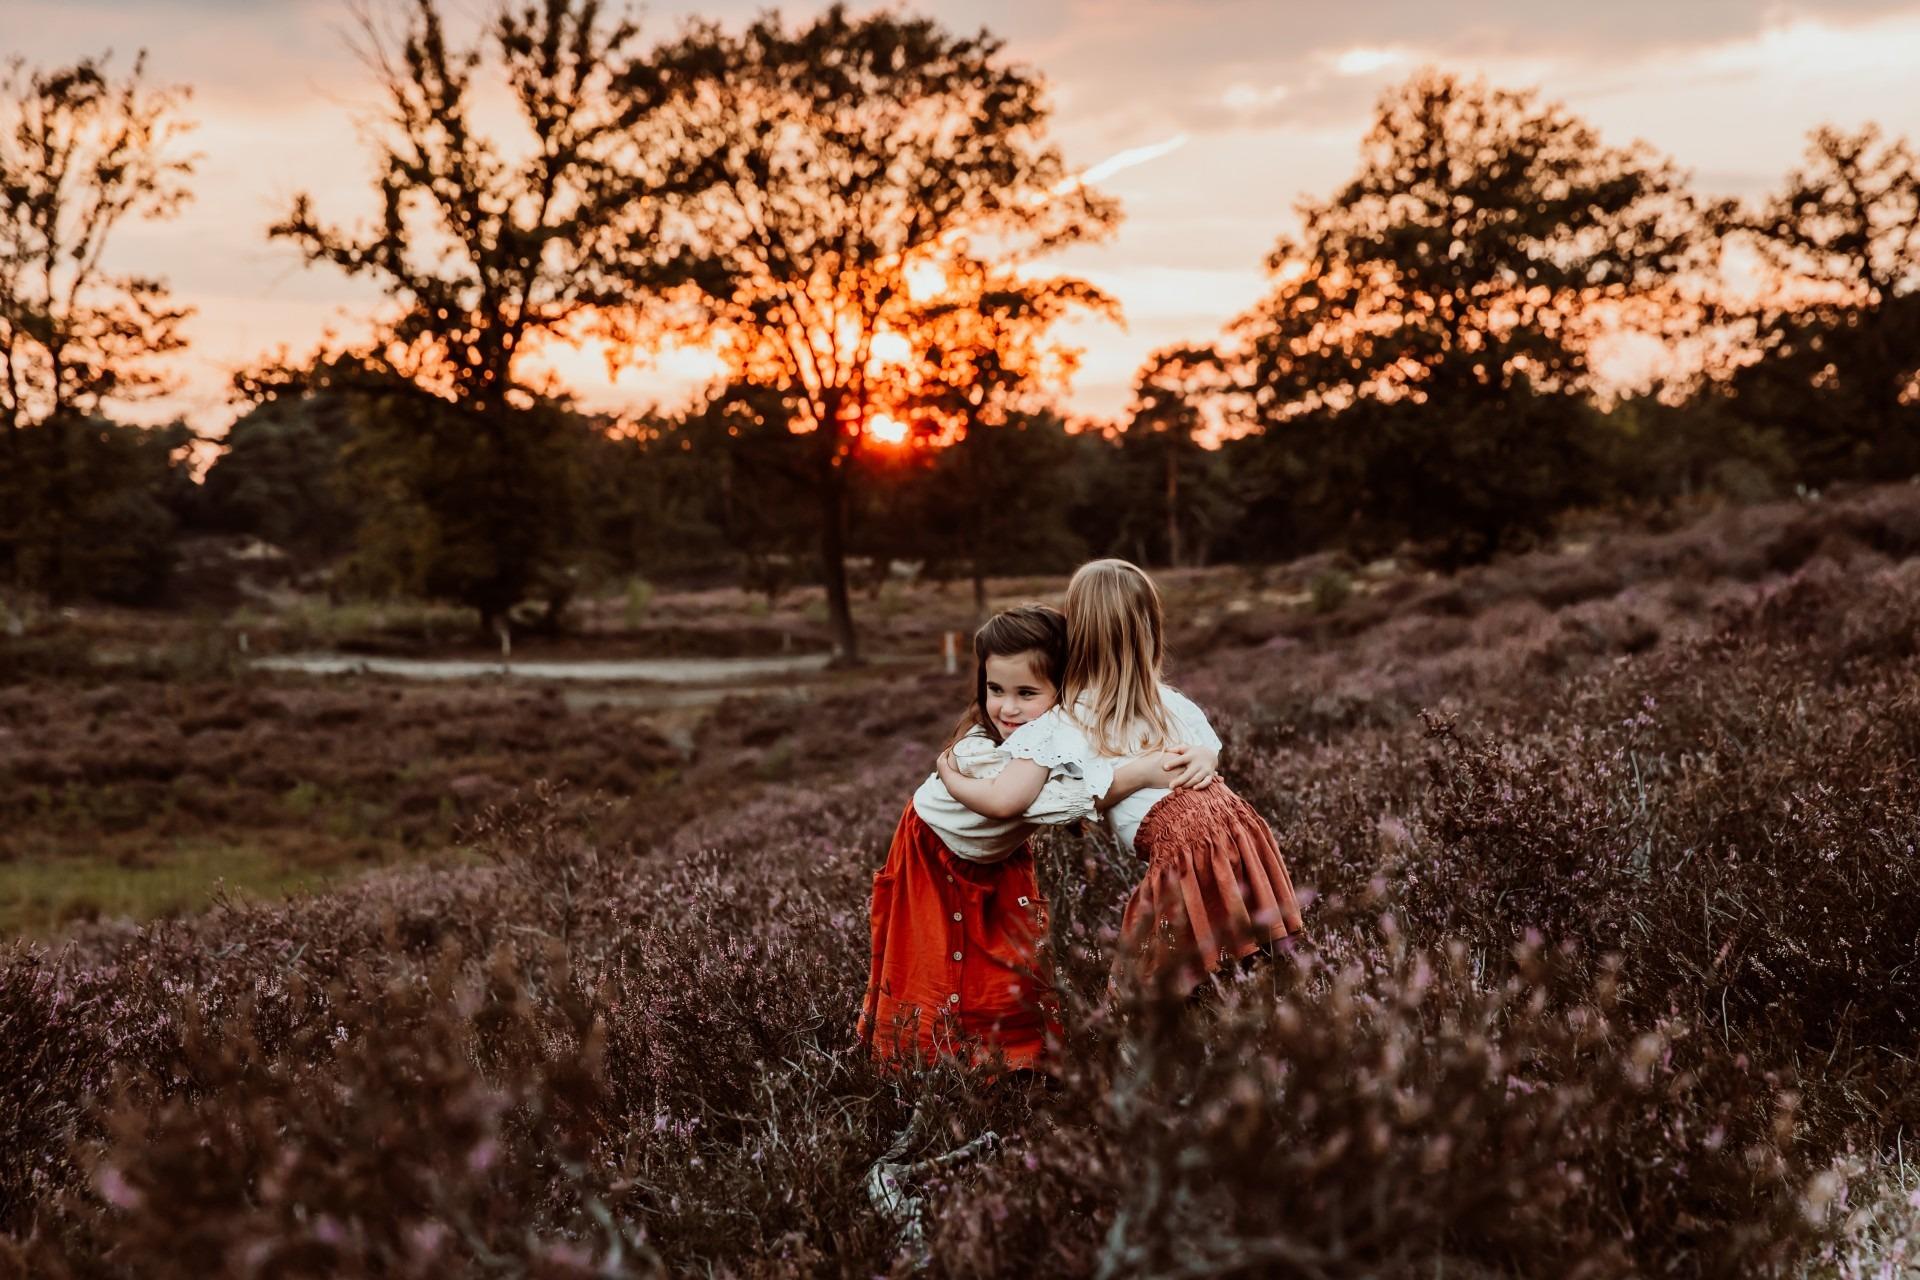 Gezinsfotografie Kinderfotograaf Elainefotografie